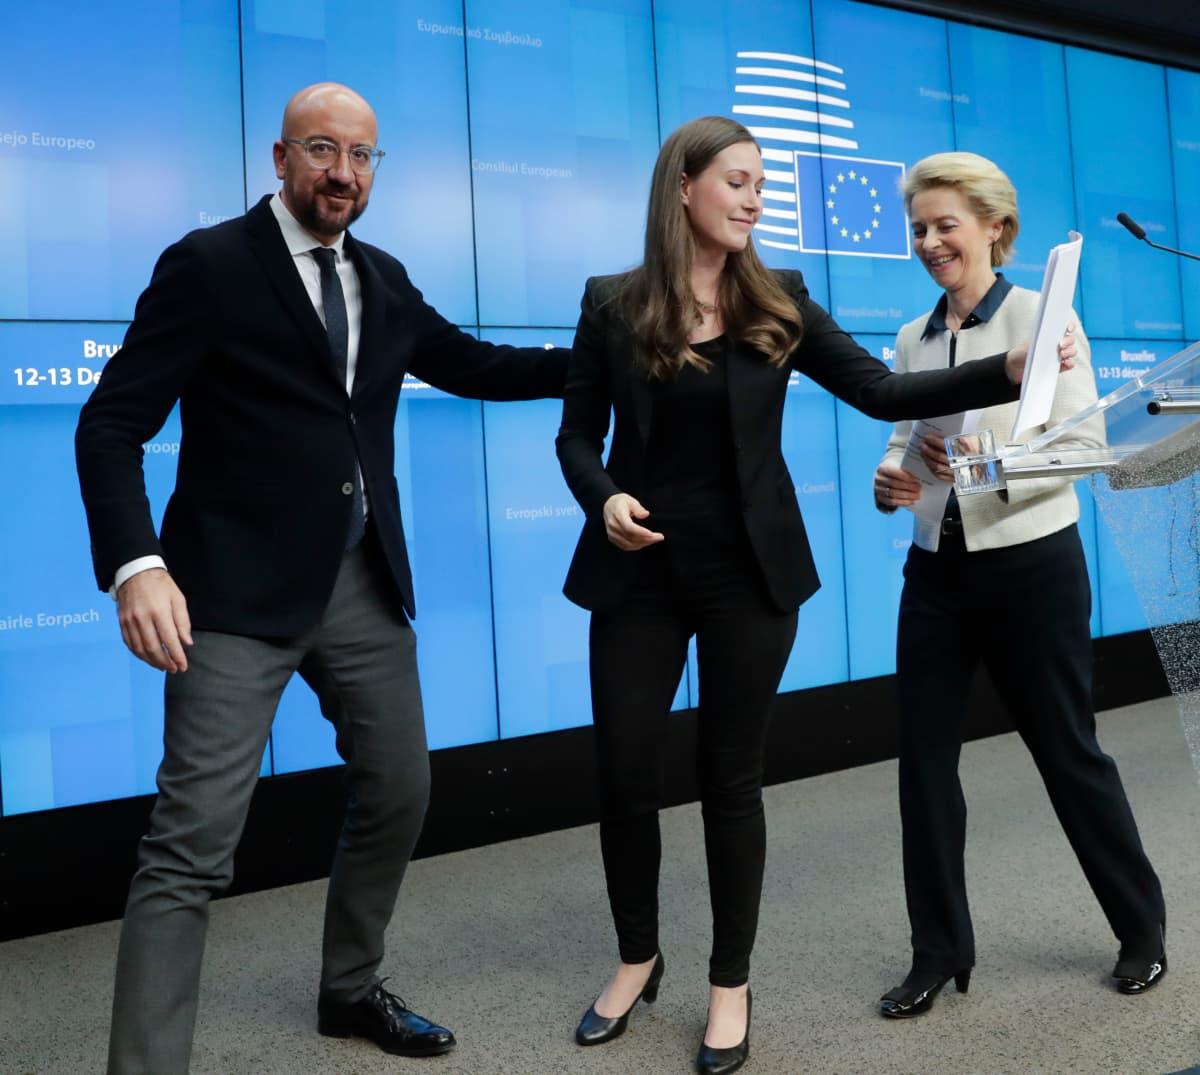 Charles Michel, Ursula Von der Leyen ja Sanna Marin Euroopan neuvoston kokouksessa 13 joulukuuta 2019